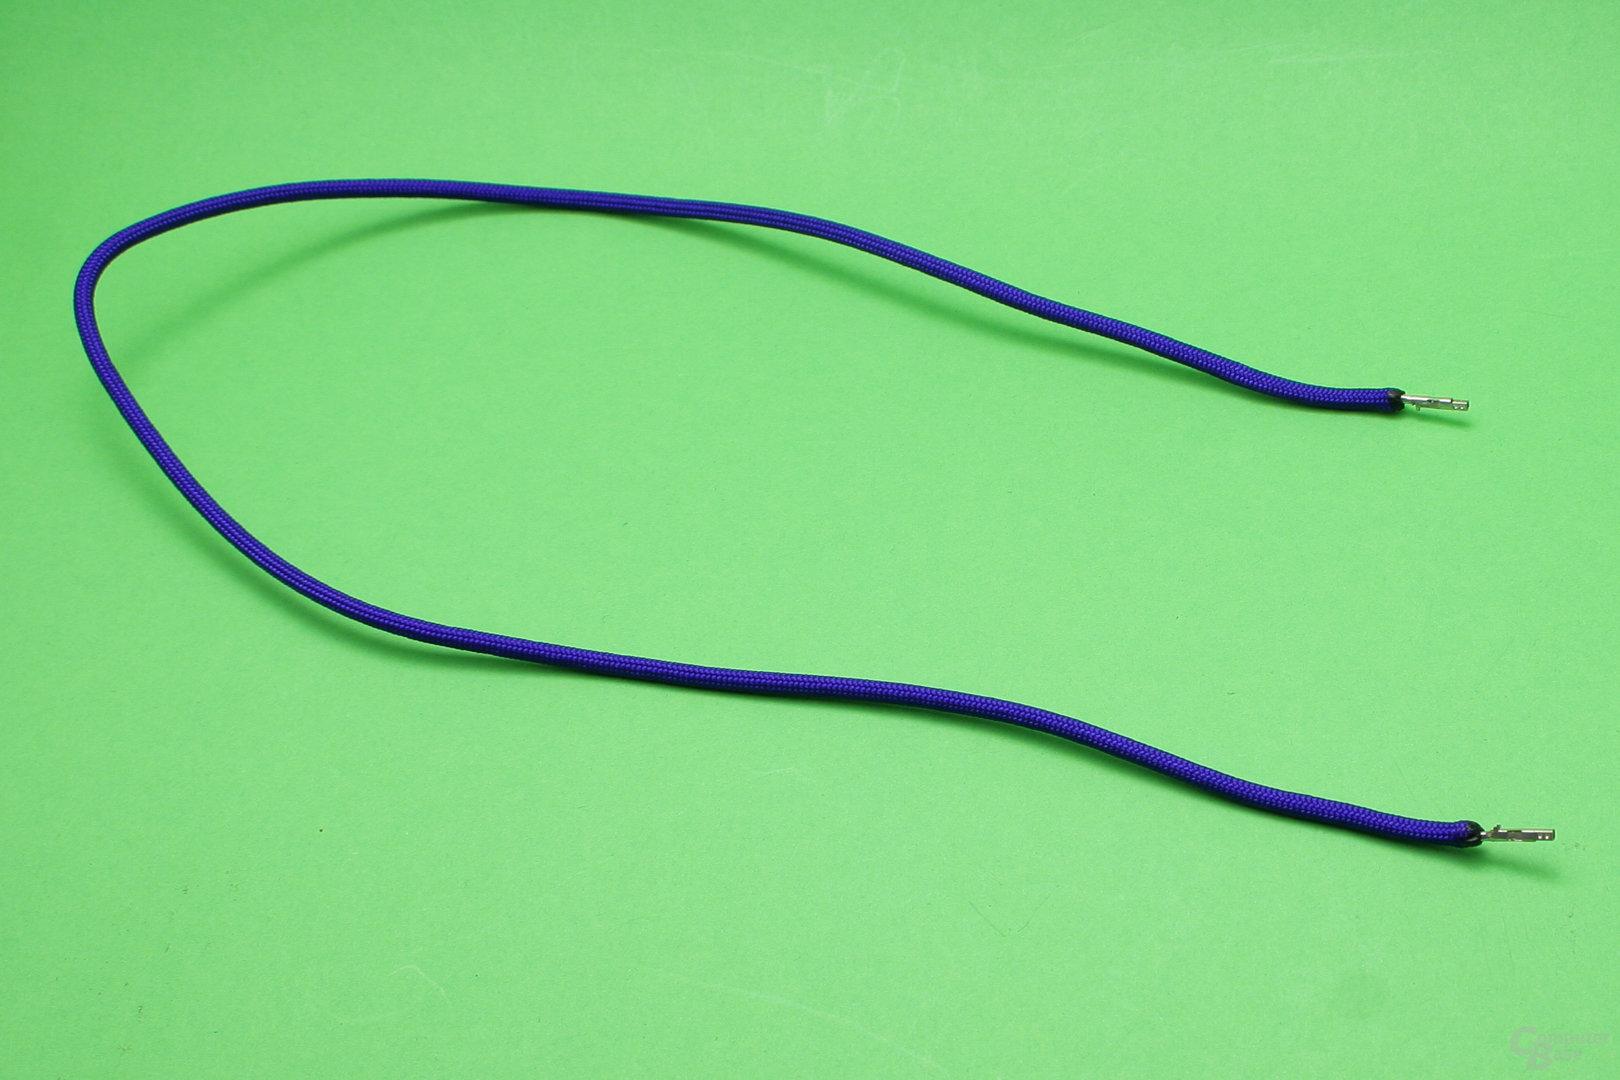 Ein Kabel mit befestigtem Sleeve